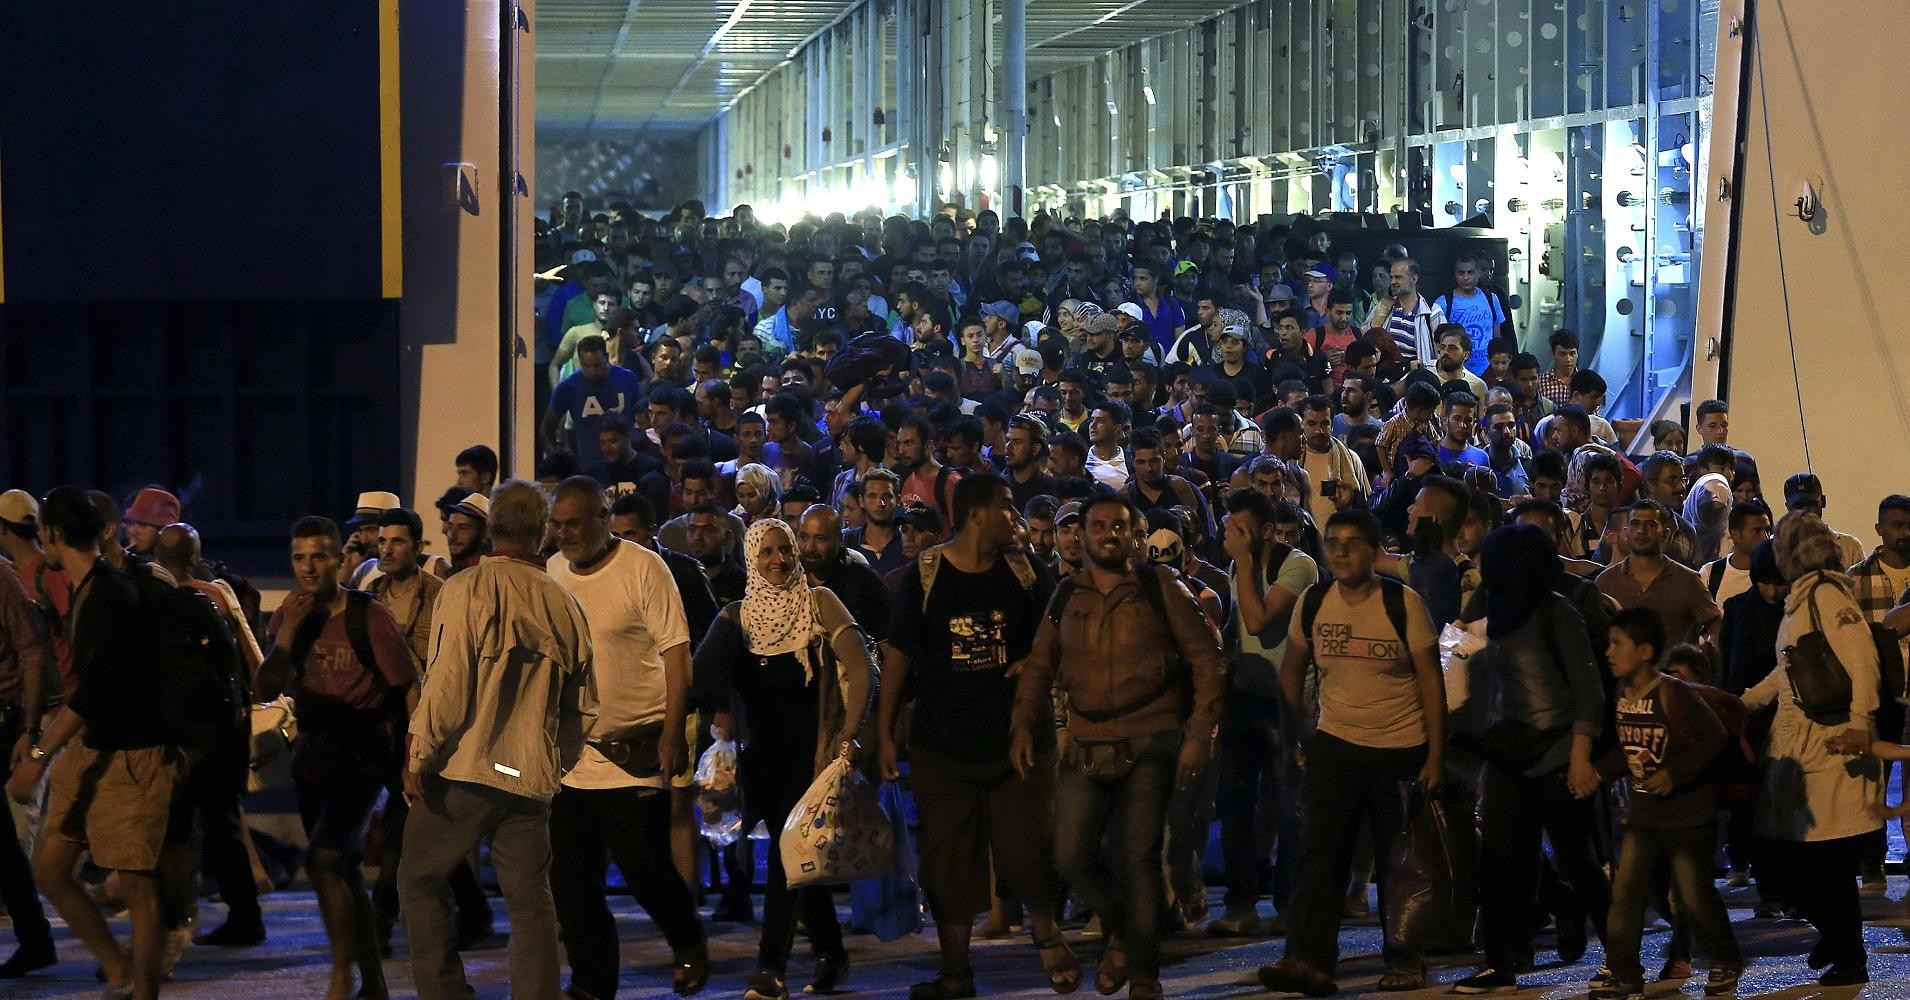 ИГобучает боевиков маскировке под беженцев